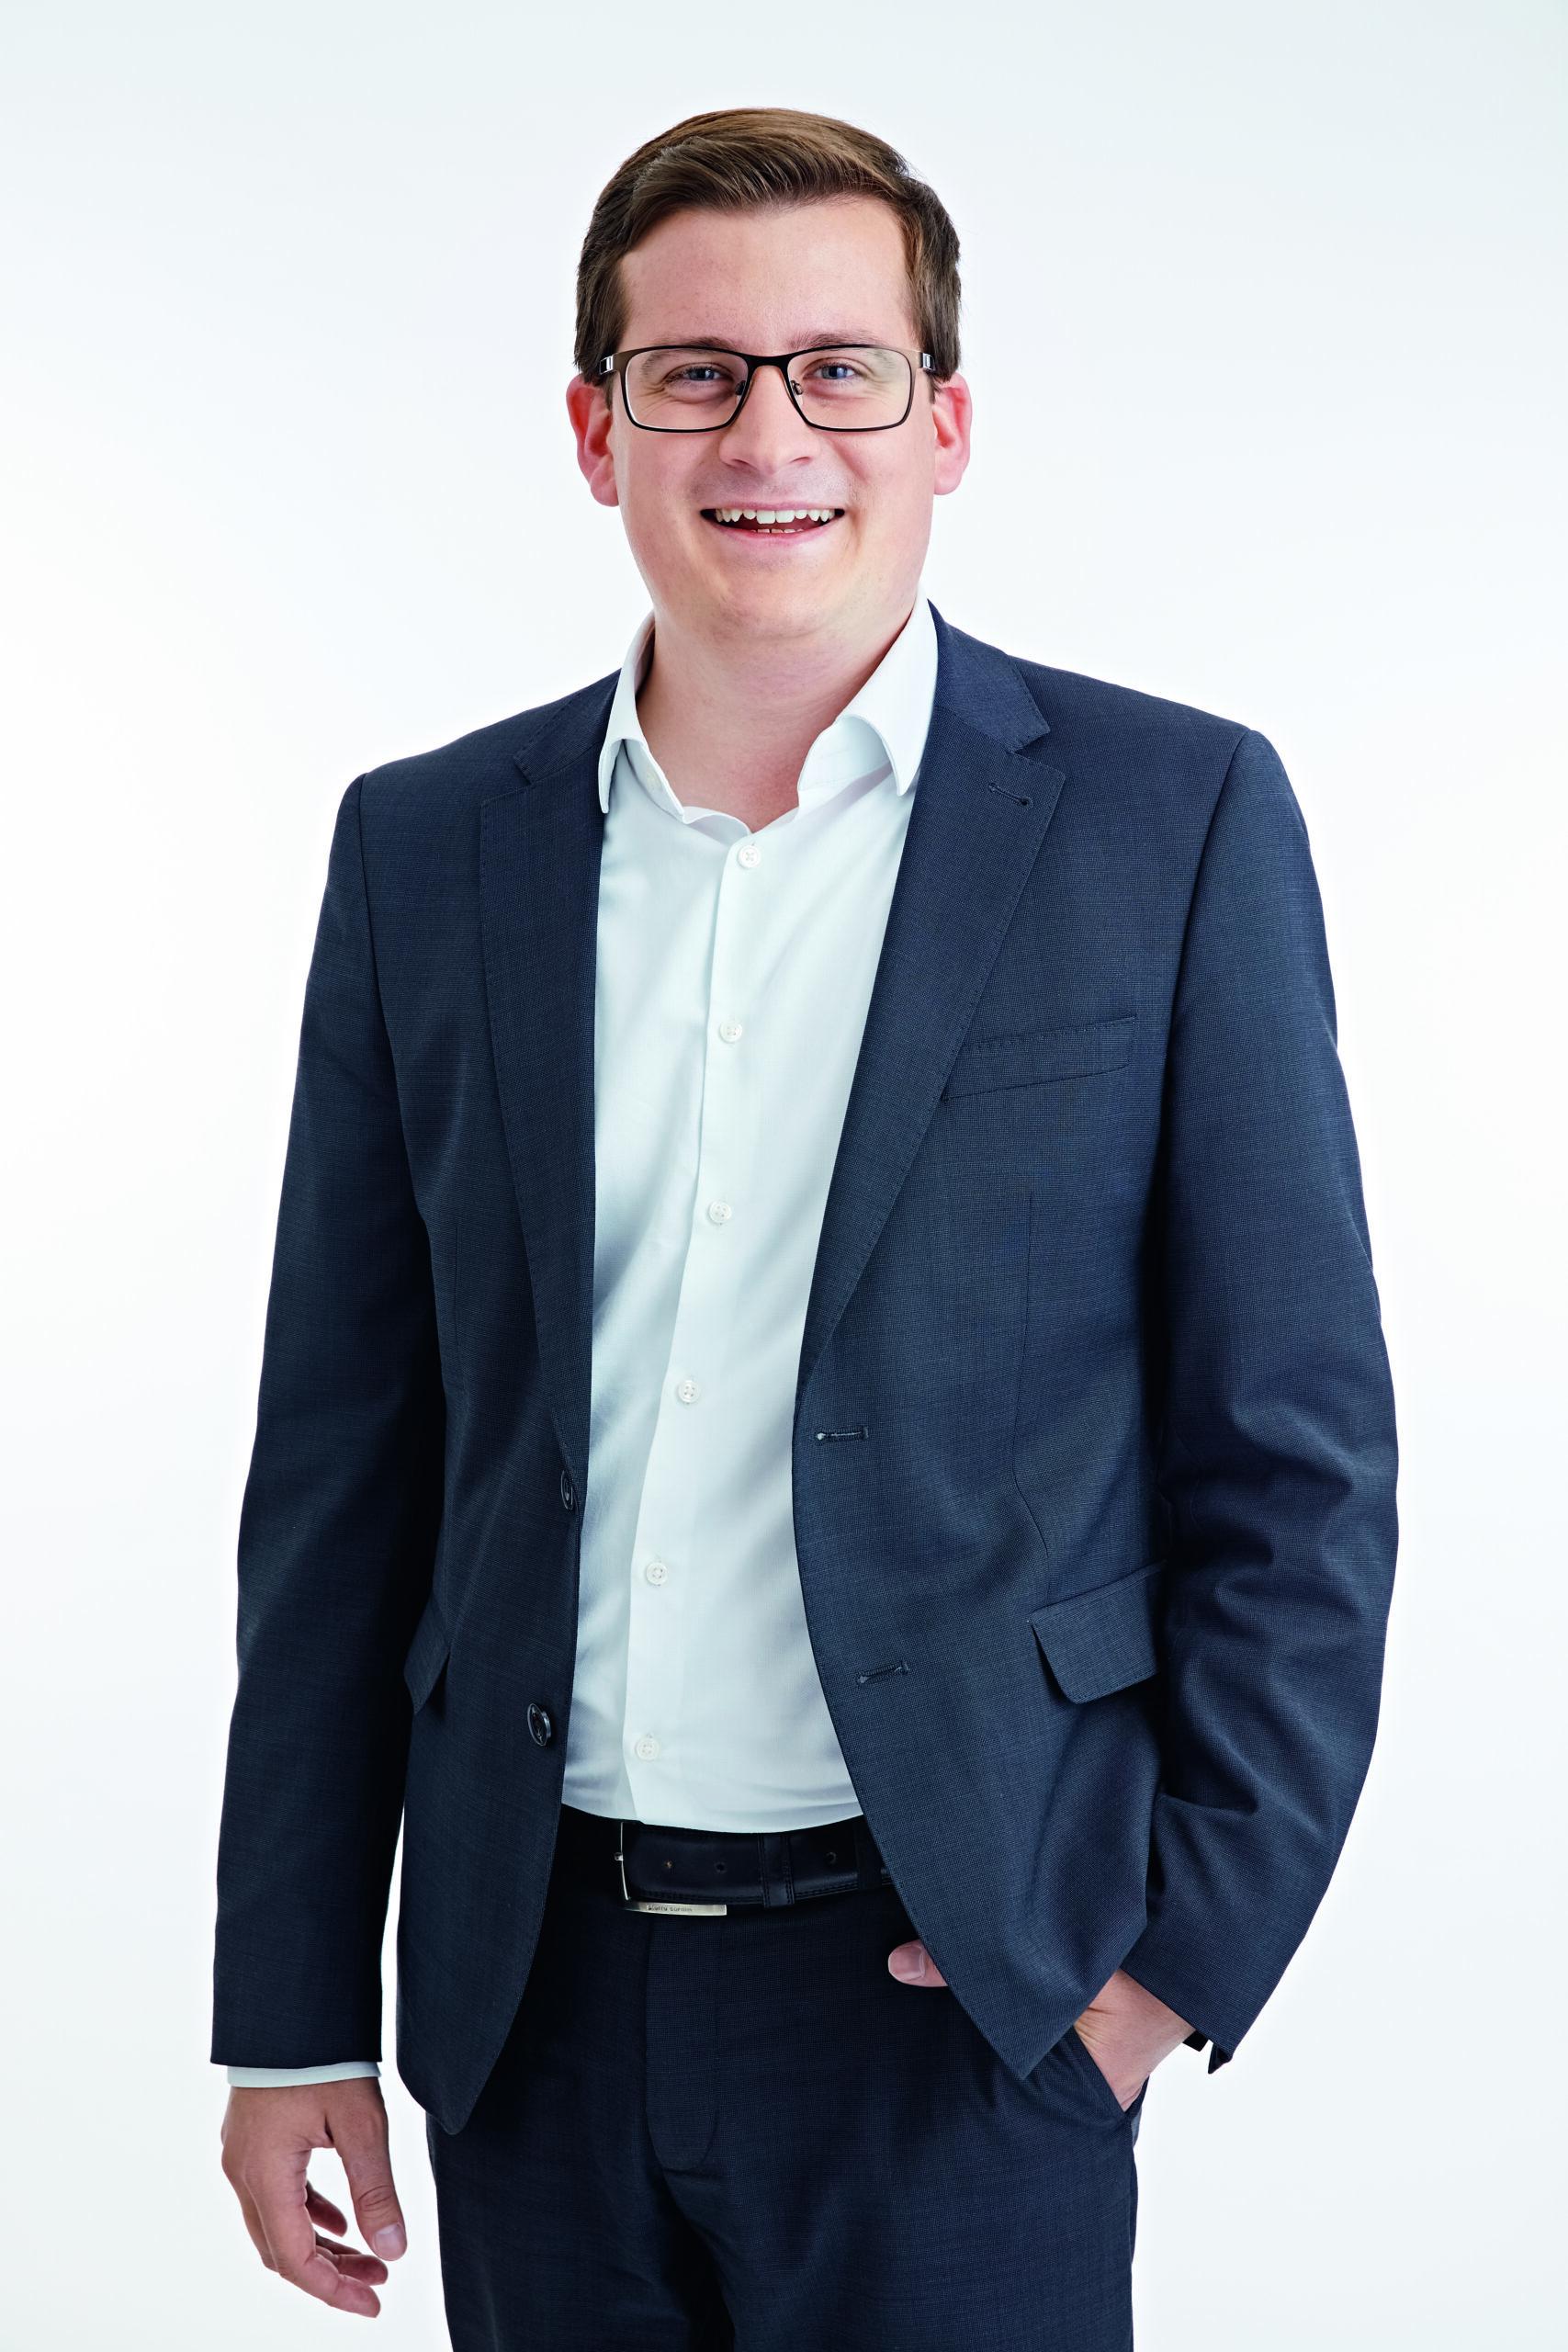 Fabian Ewald